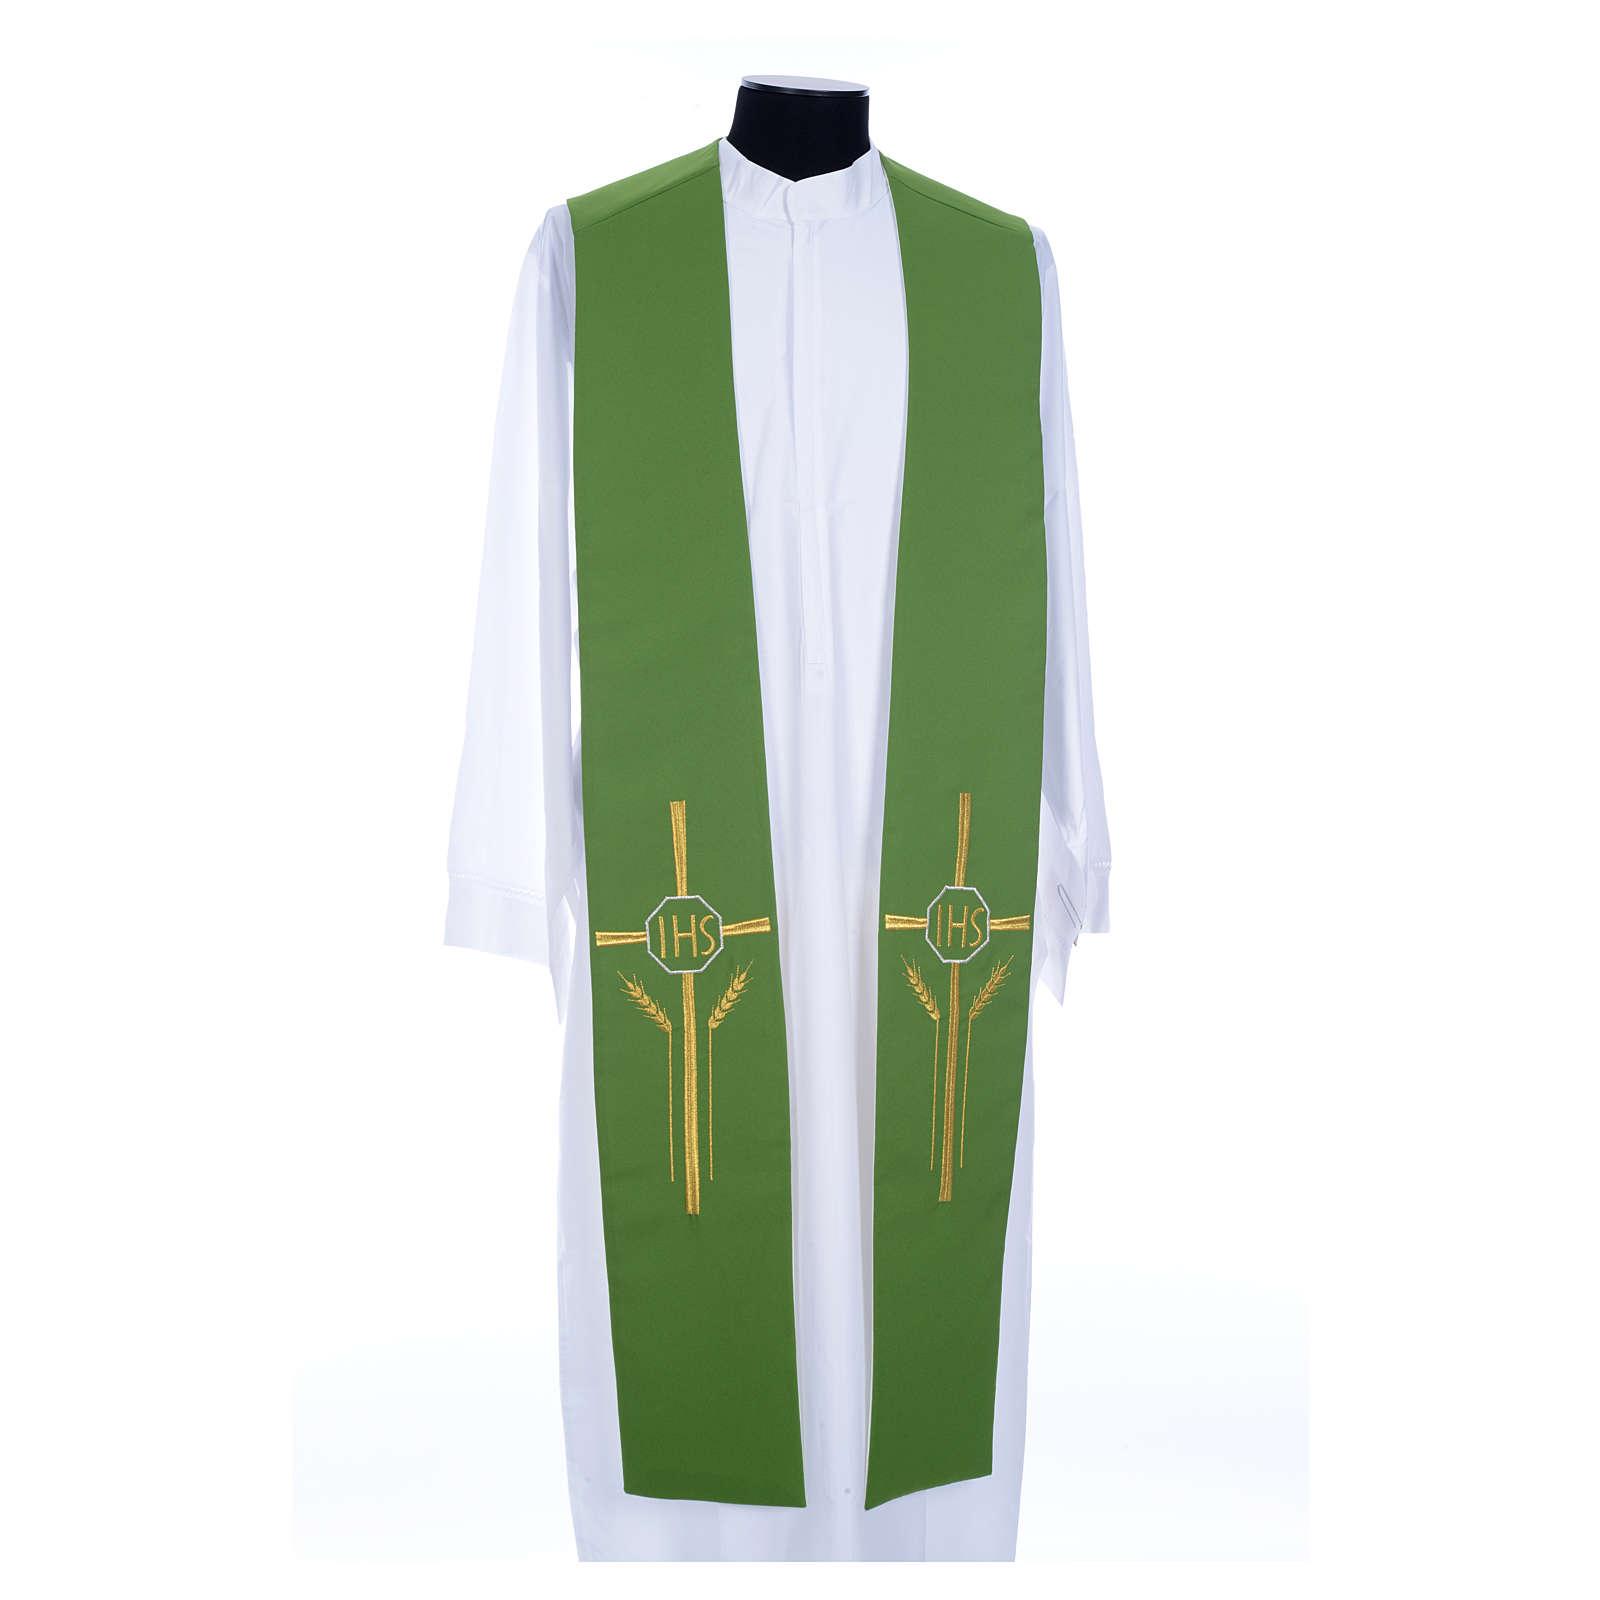 Estola bicolor blanca verde poliéster IHS espigas 4